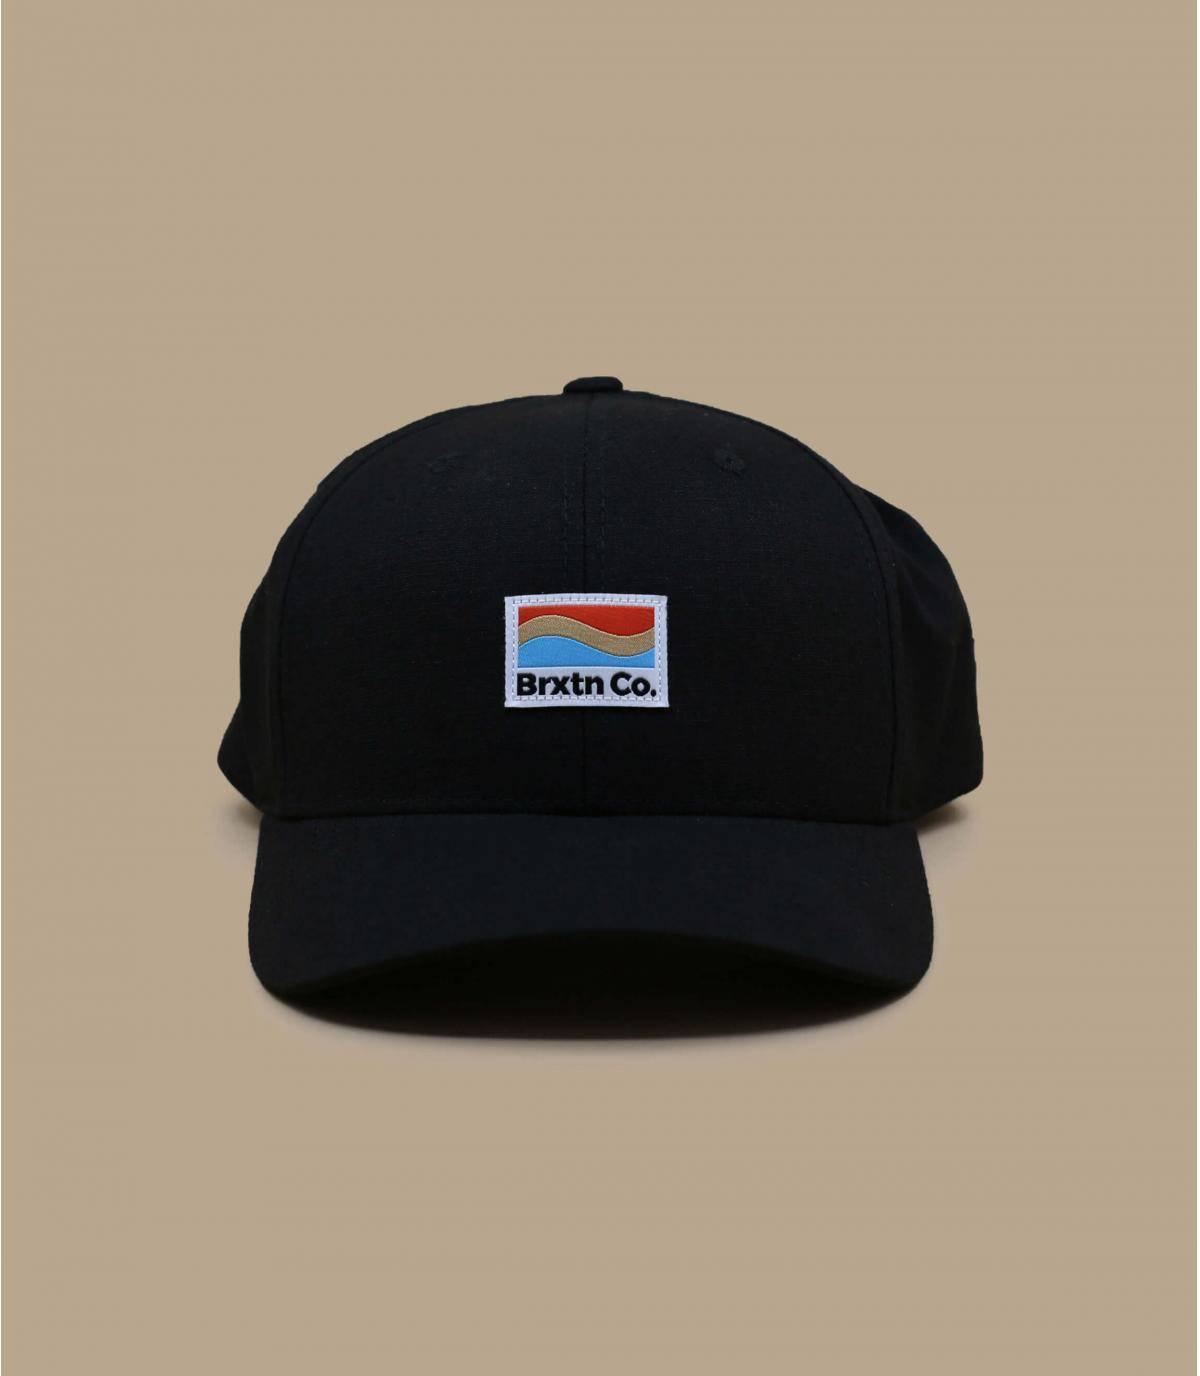 Gorra Brixton negra